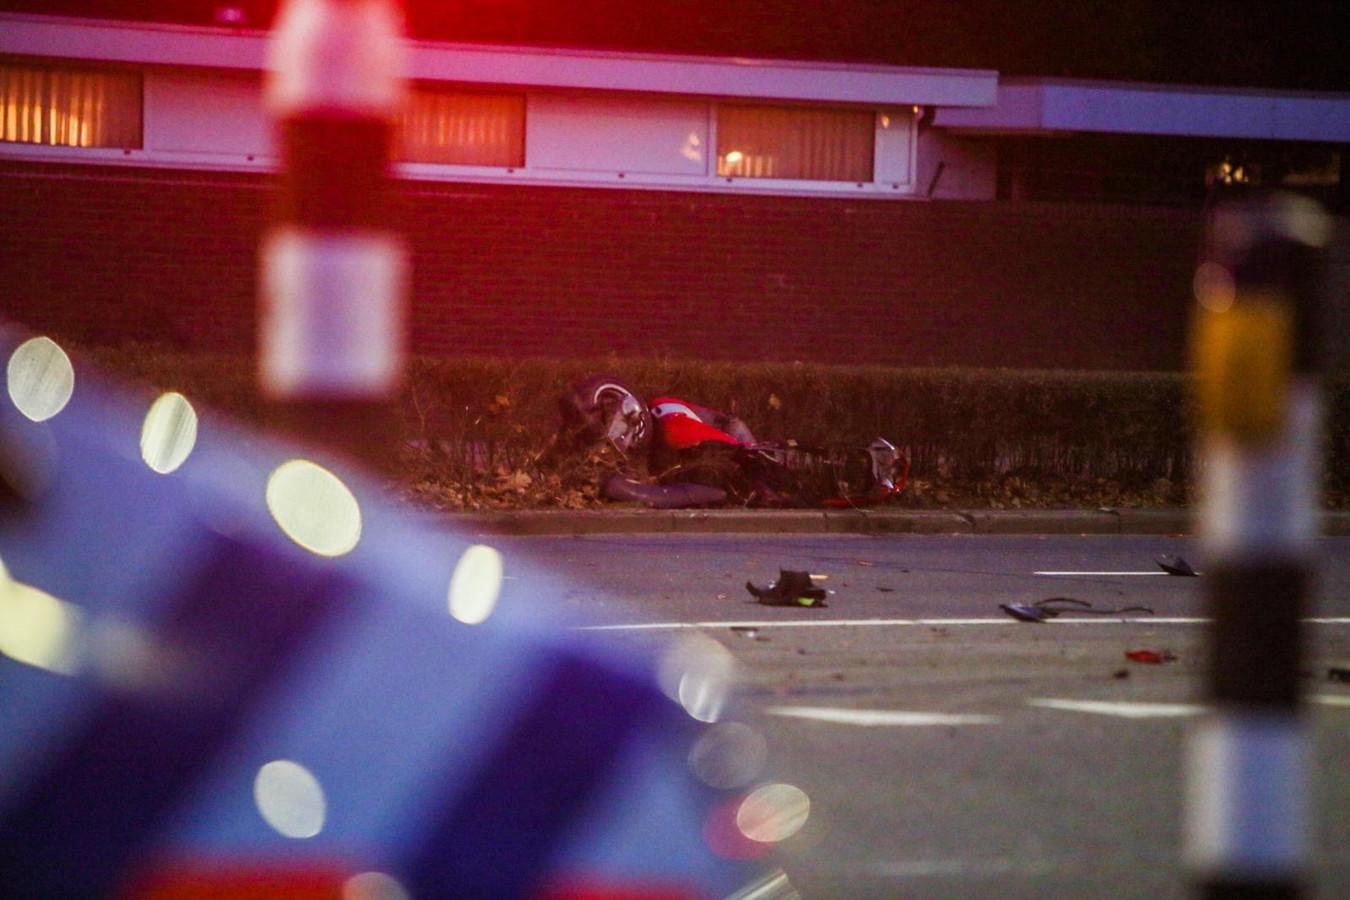 Bij een botsing, januari 2020, werd een man op zijn scooter aangereden op de Kasteel-Traverse in Helmond. De andere partij was een agent die op een alarmmelding afging maar zijn sirene niet aan had staan.